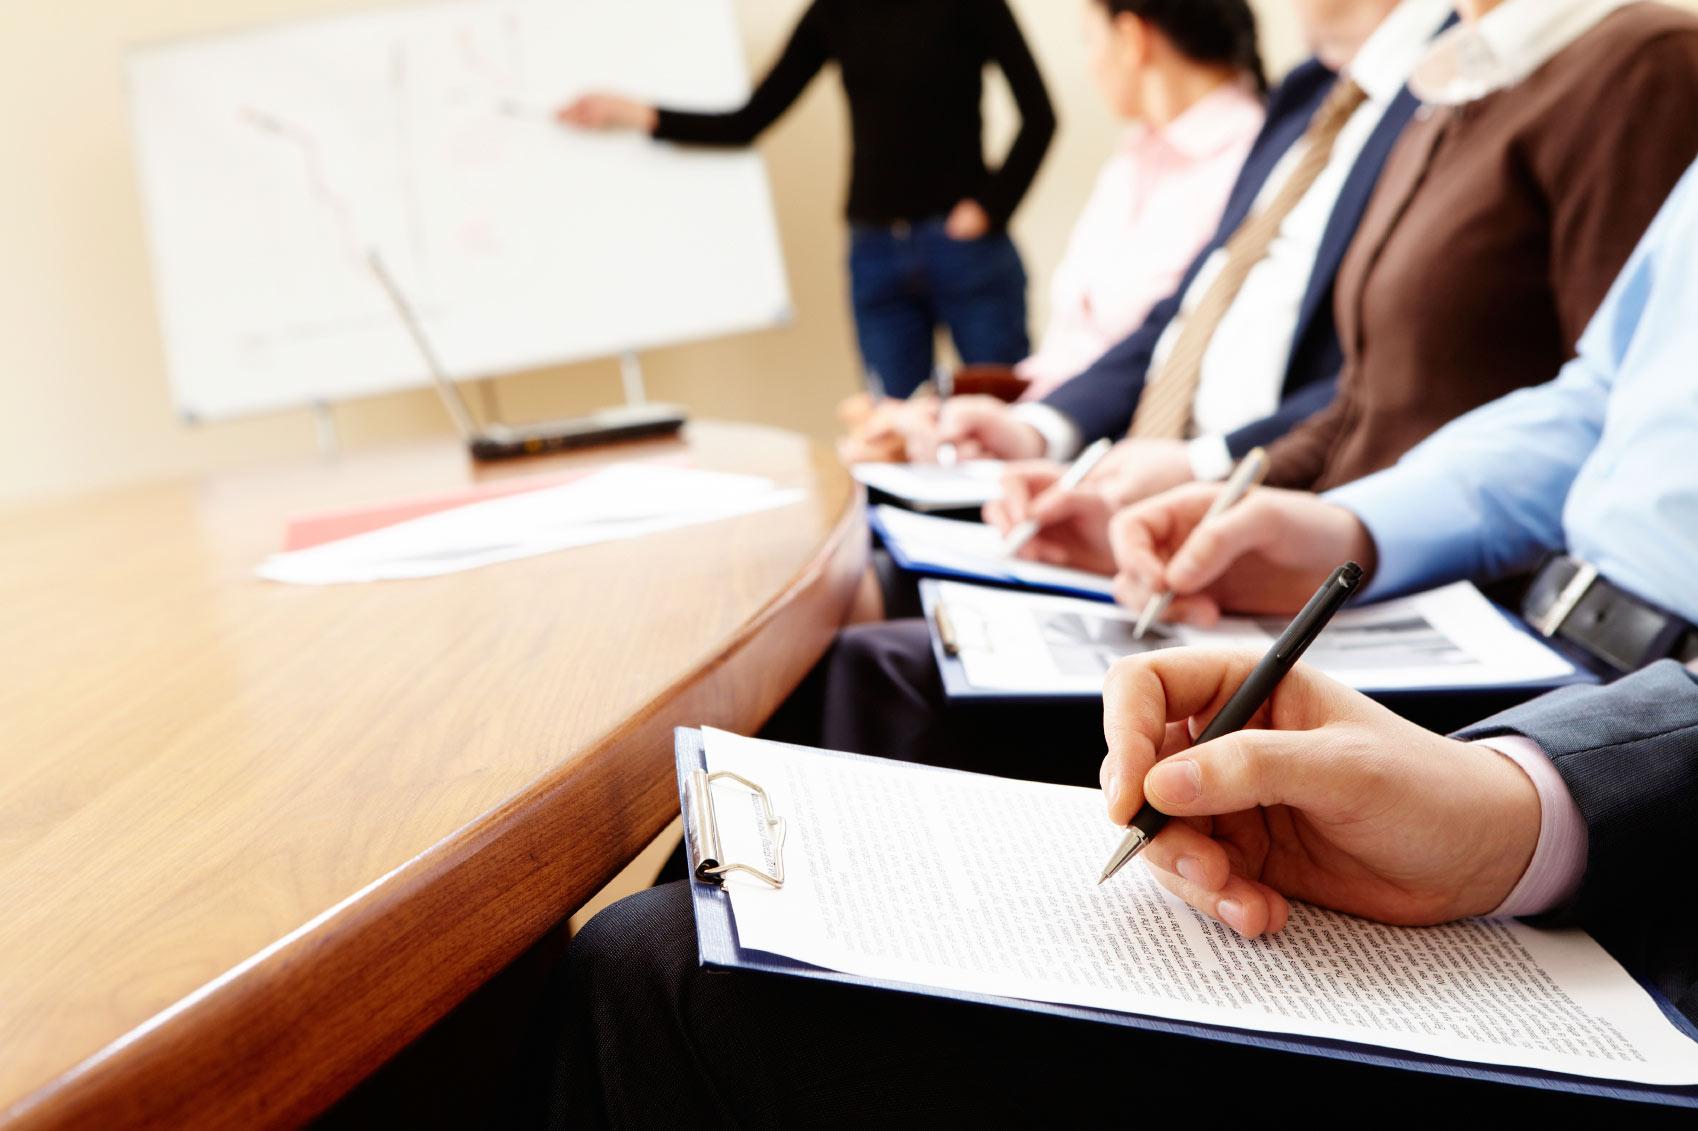 Бесплатный вебинар: 7 шагов к успешному бизнесу